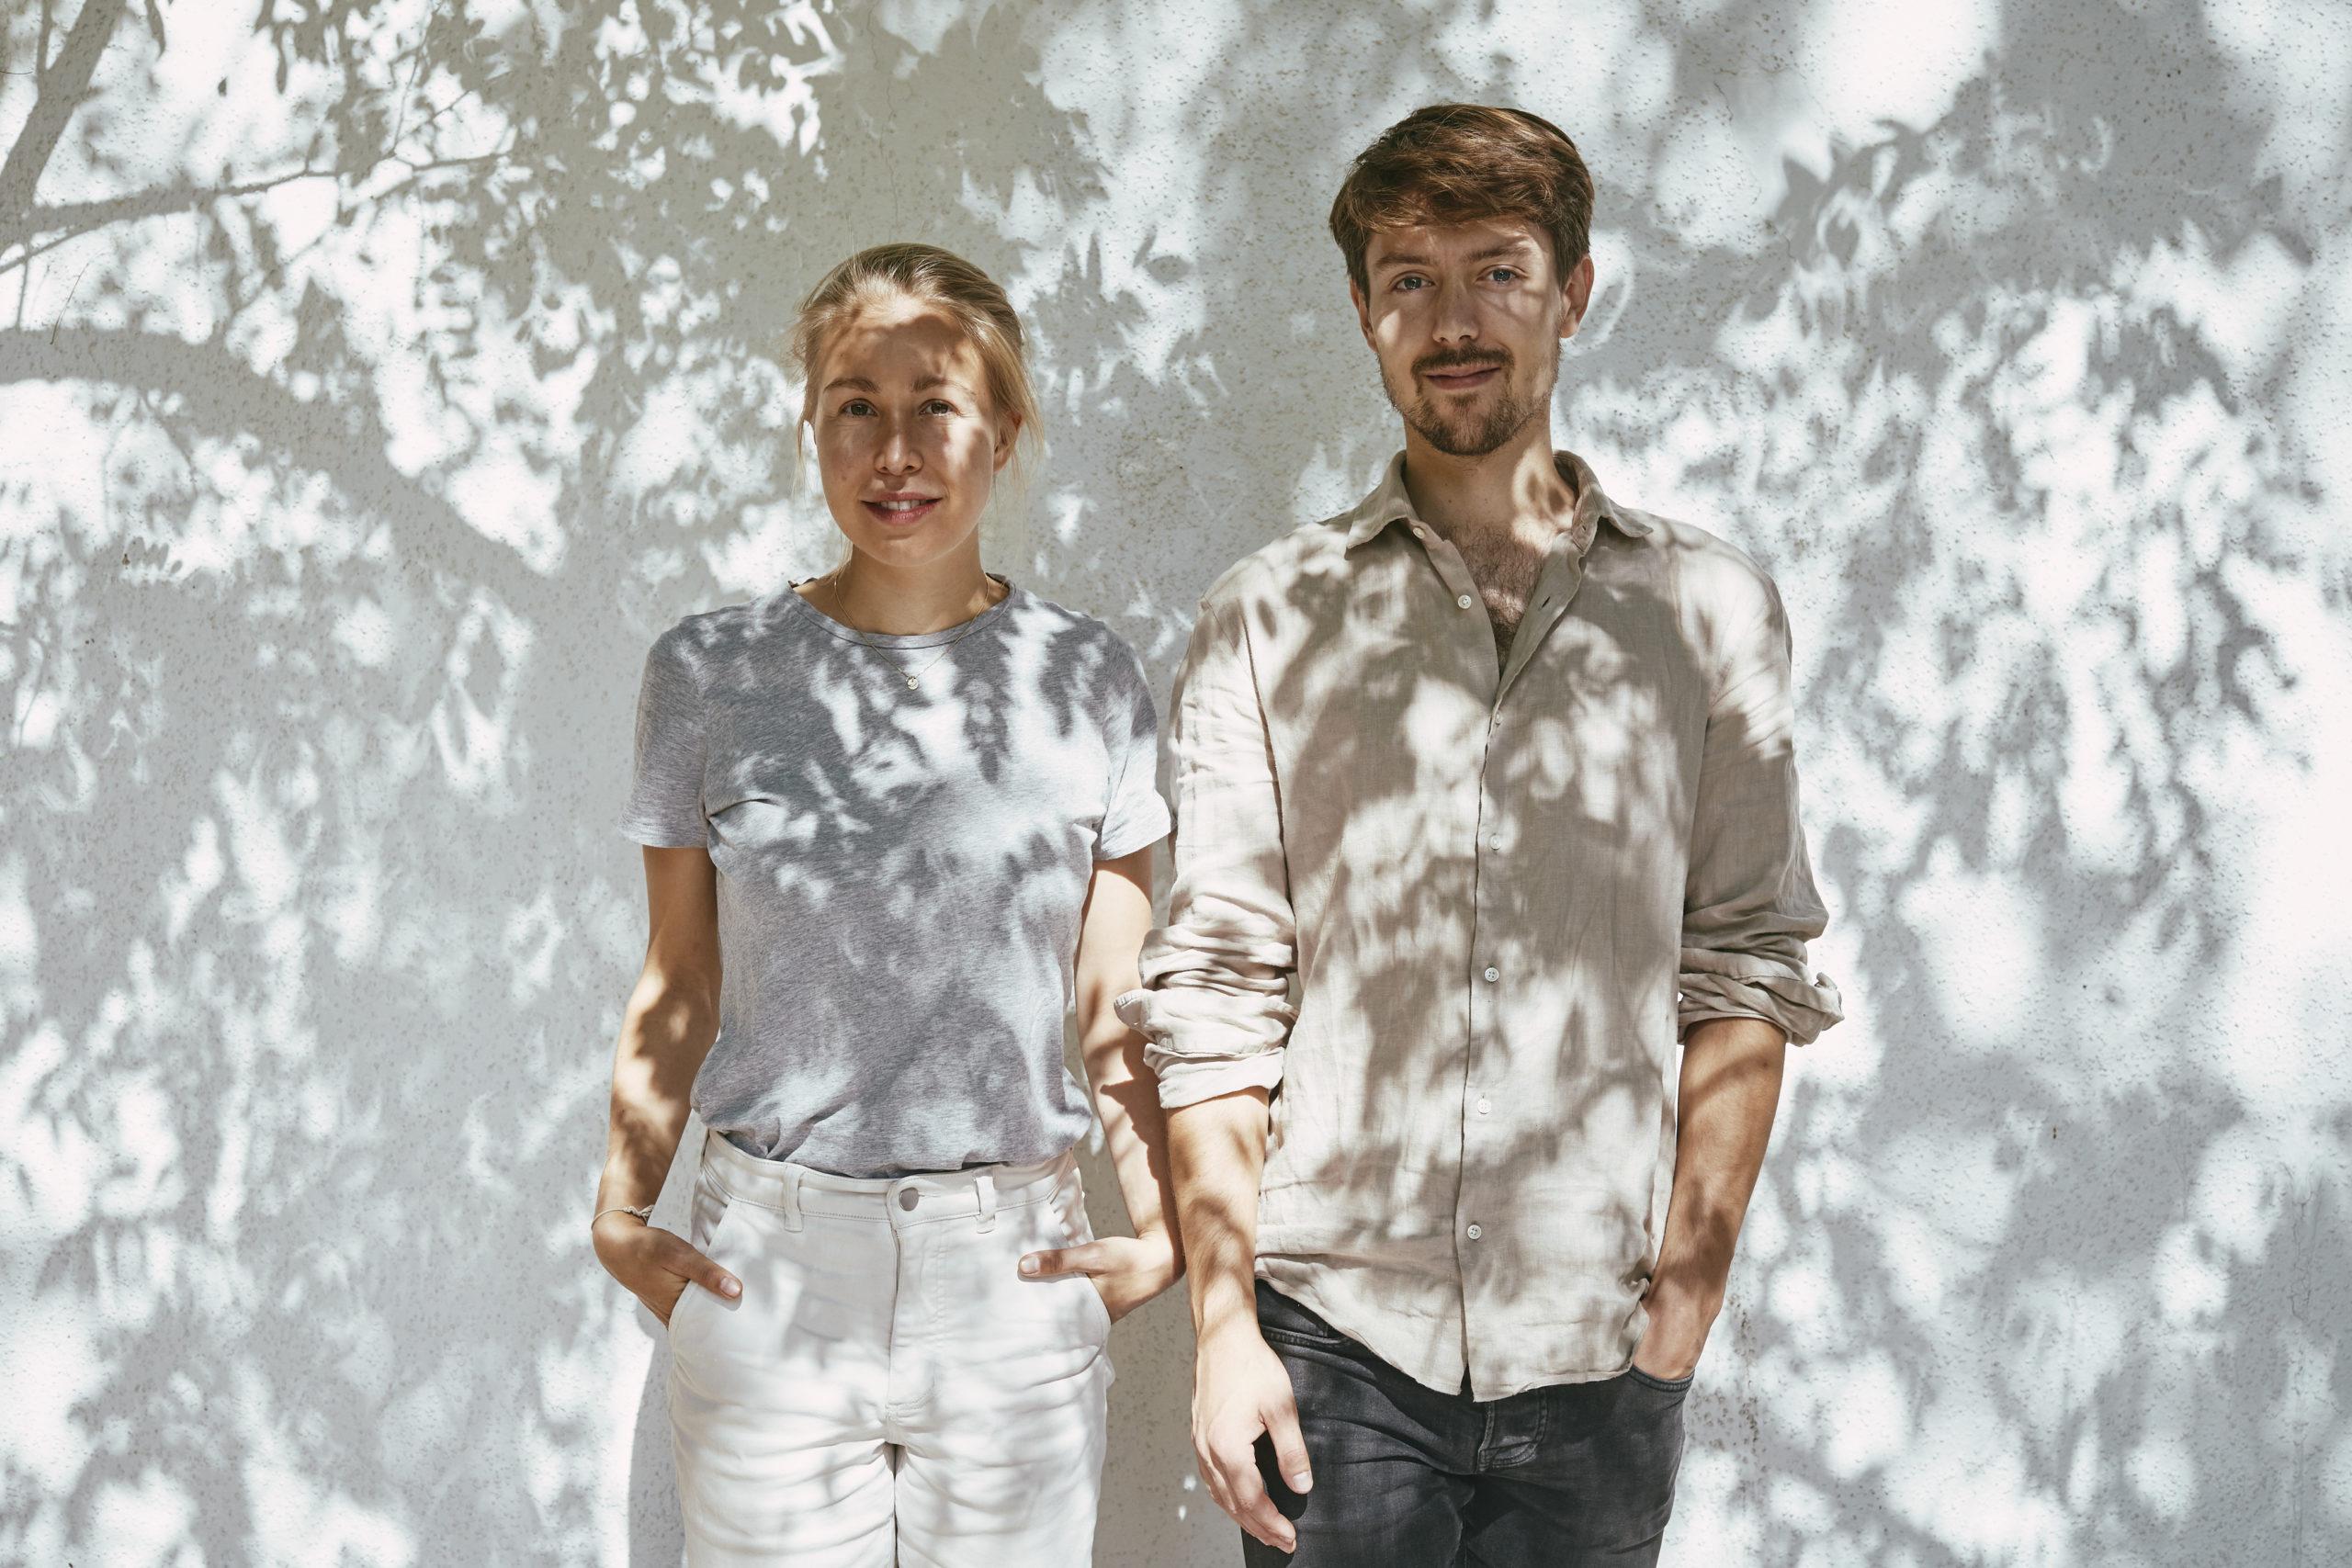 Die beiden Gründer von dem Start-Up Kruut stehen vor einer weißen schattigen Wand